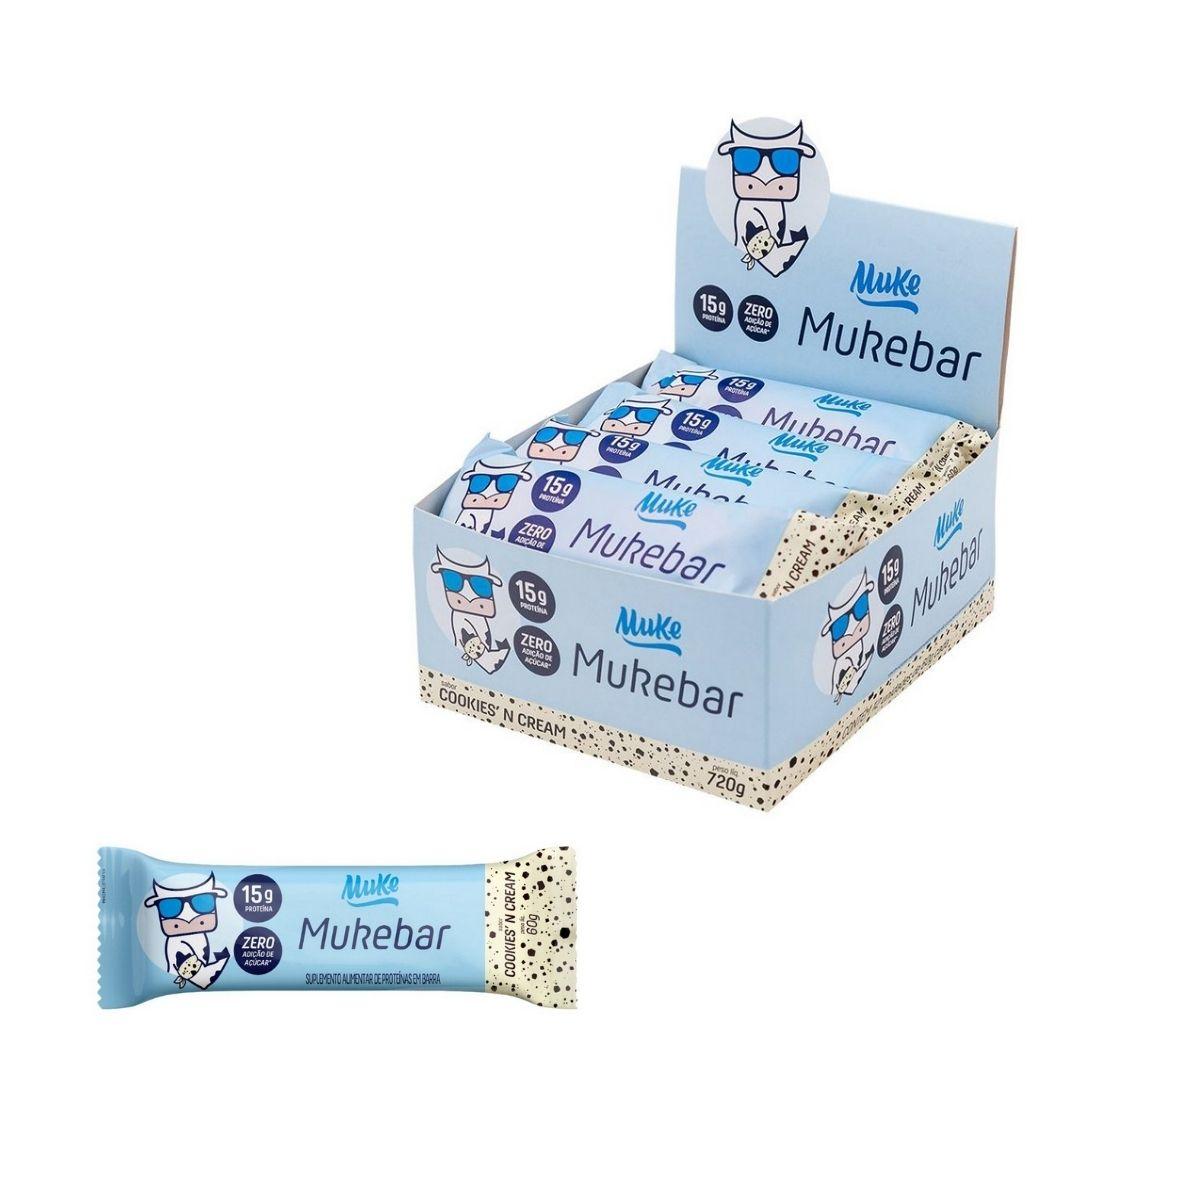 Mukebar cookies cream 720g 12 unidades - Muke